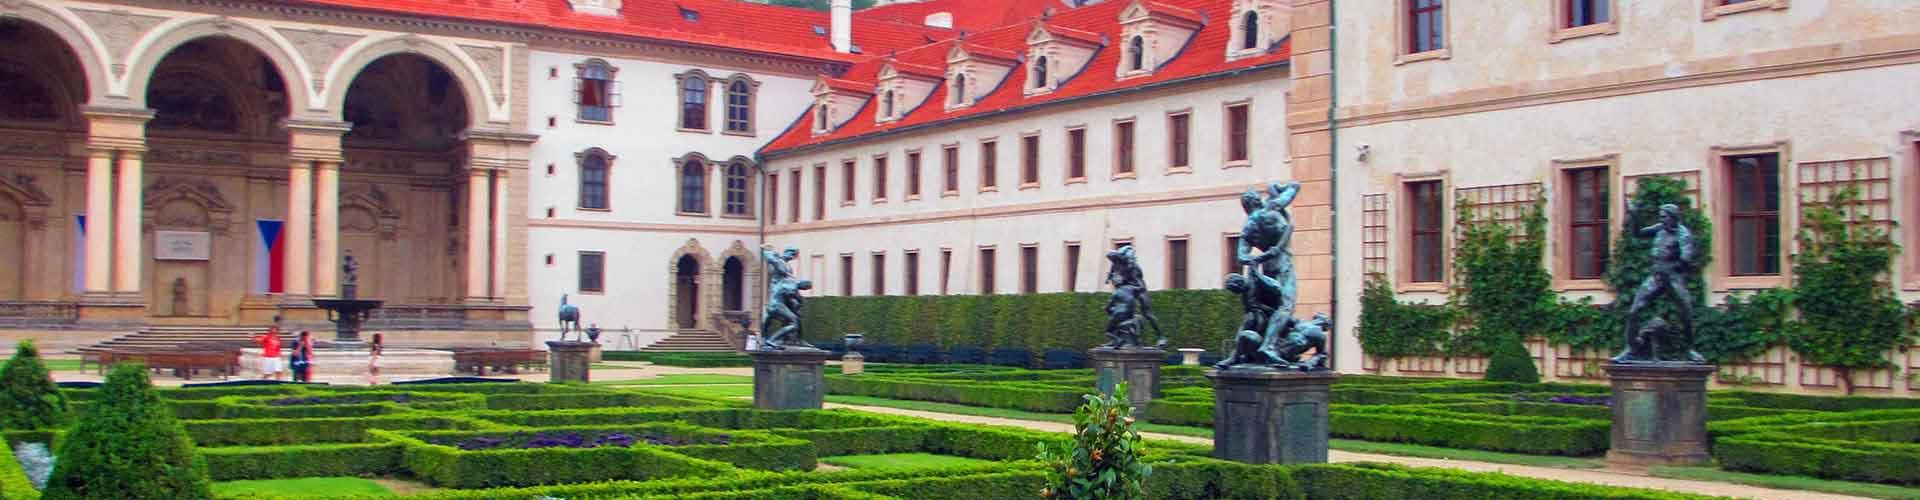 Praga – Albergues próximos a Wallenstein Palace. Mapas para Praga, Fotos e Avaliações para cada Albergue em Praga.